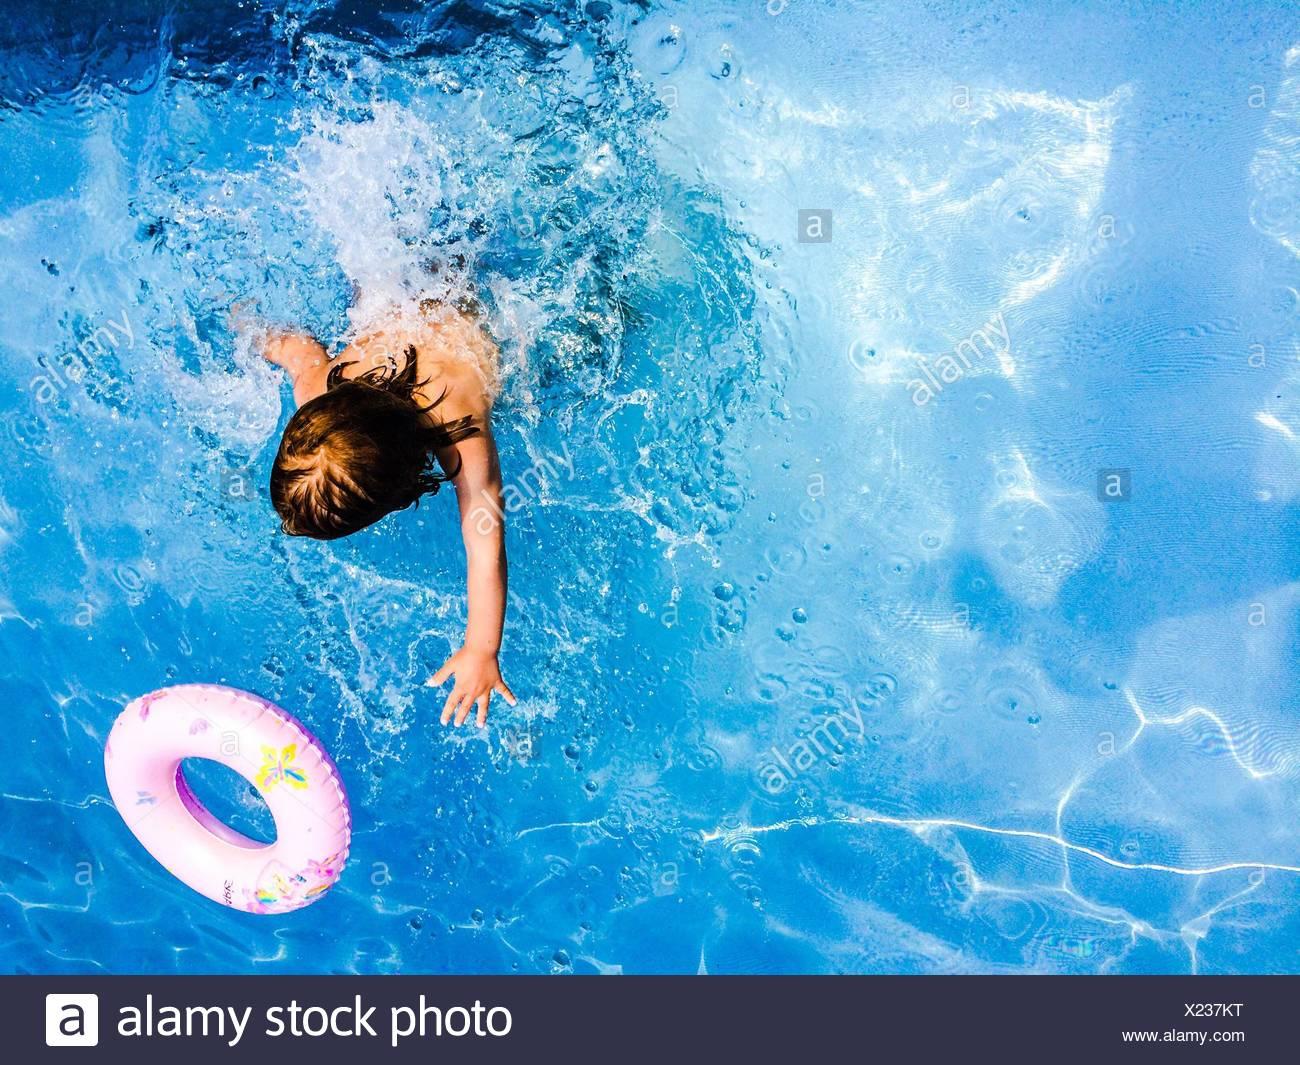 Persona nadar en una piscina Foto de stock